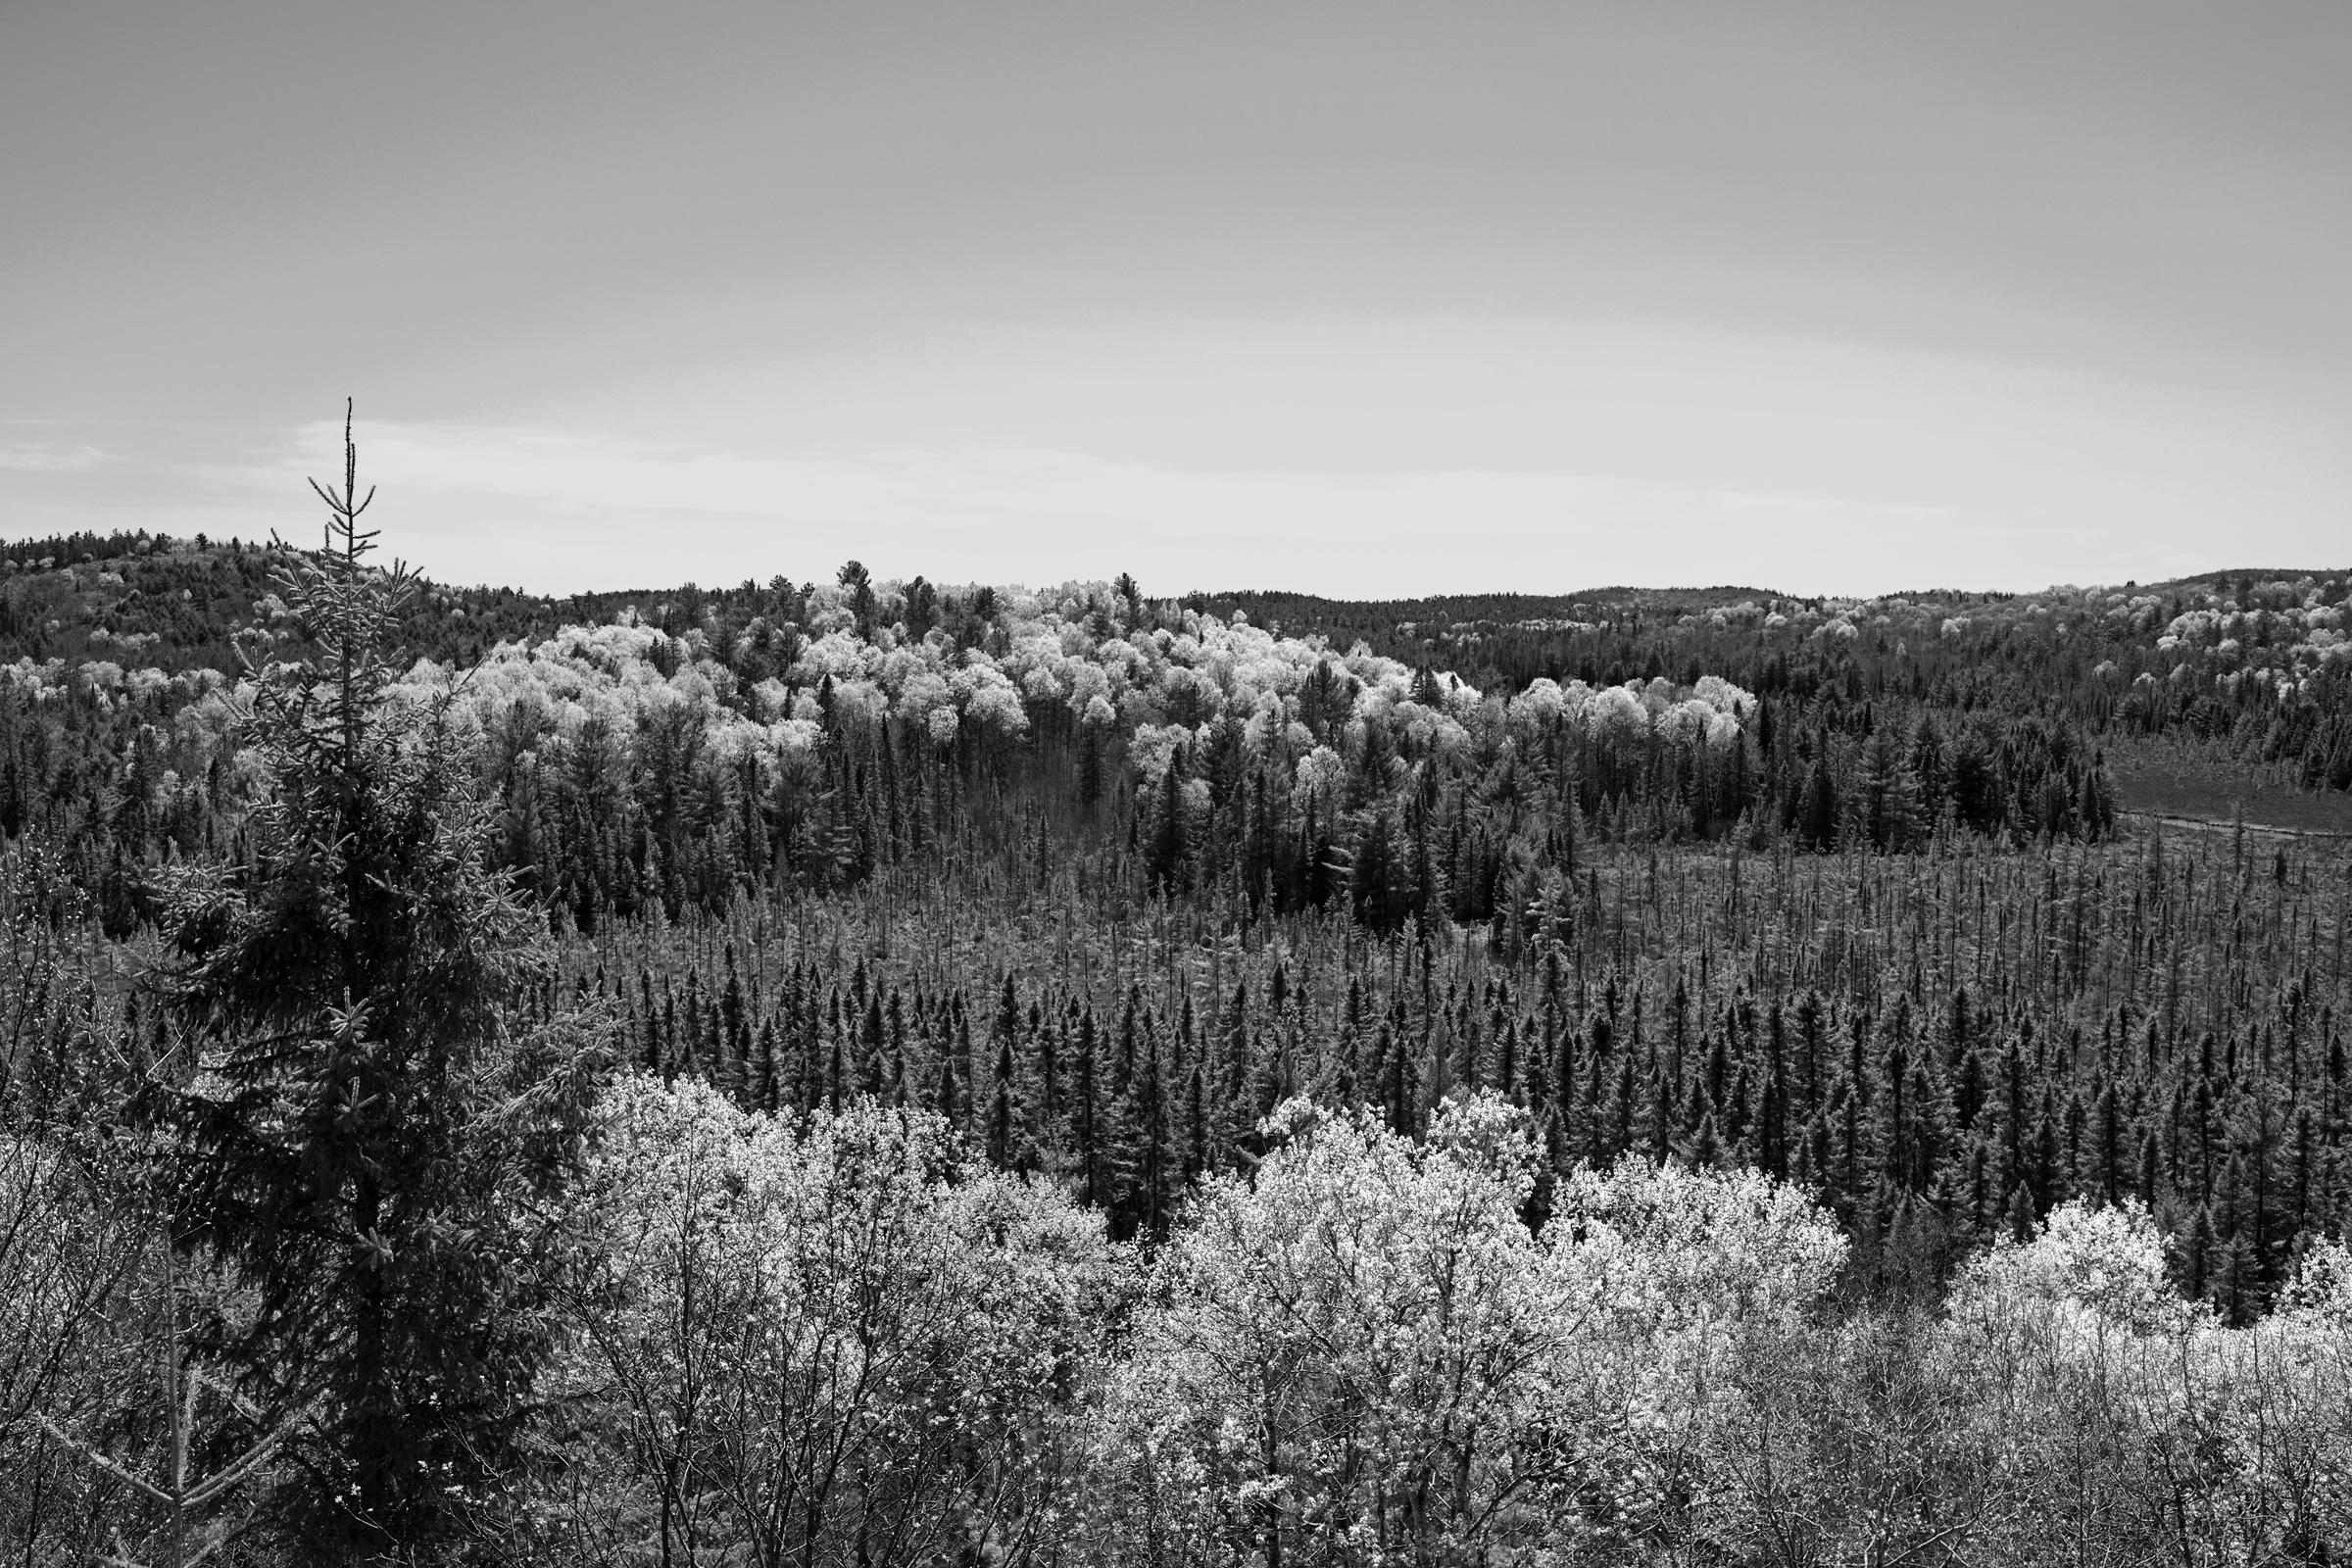 John Faragher Algonquin Forest in Spring 2019